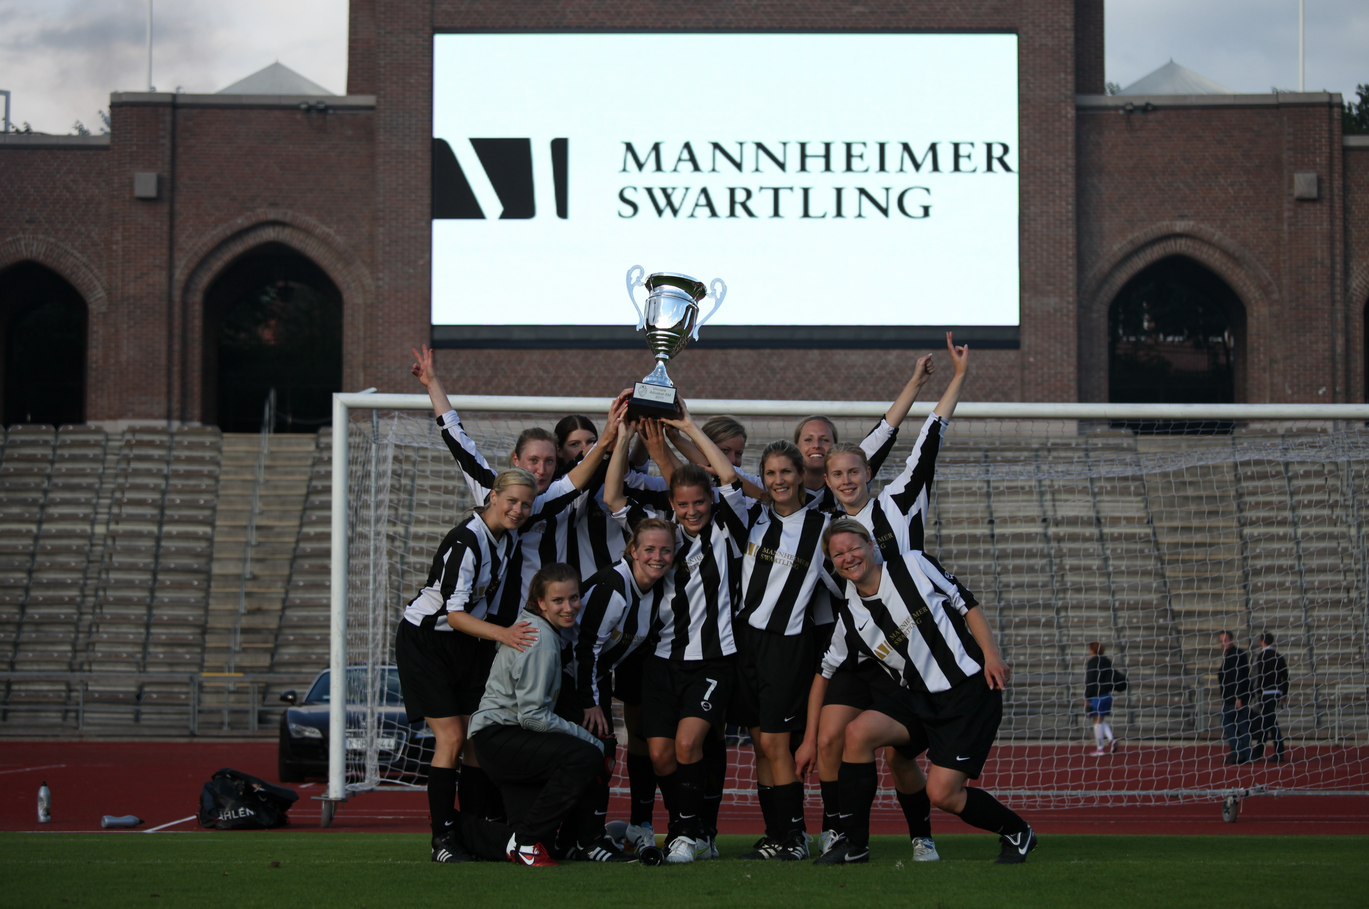 Mannheimer Swartling 2011